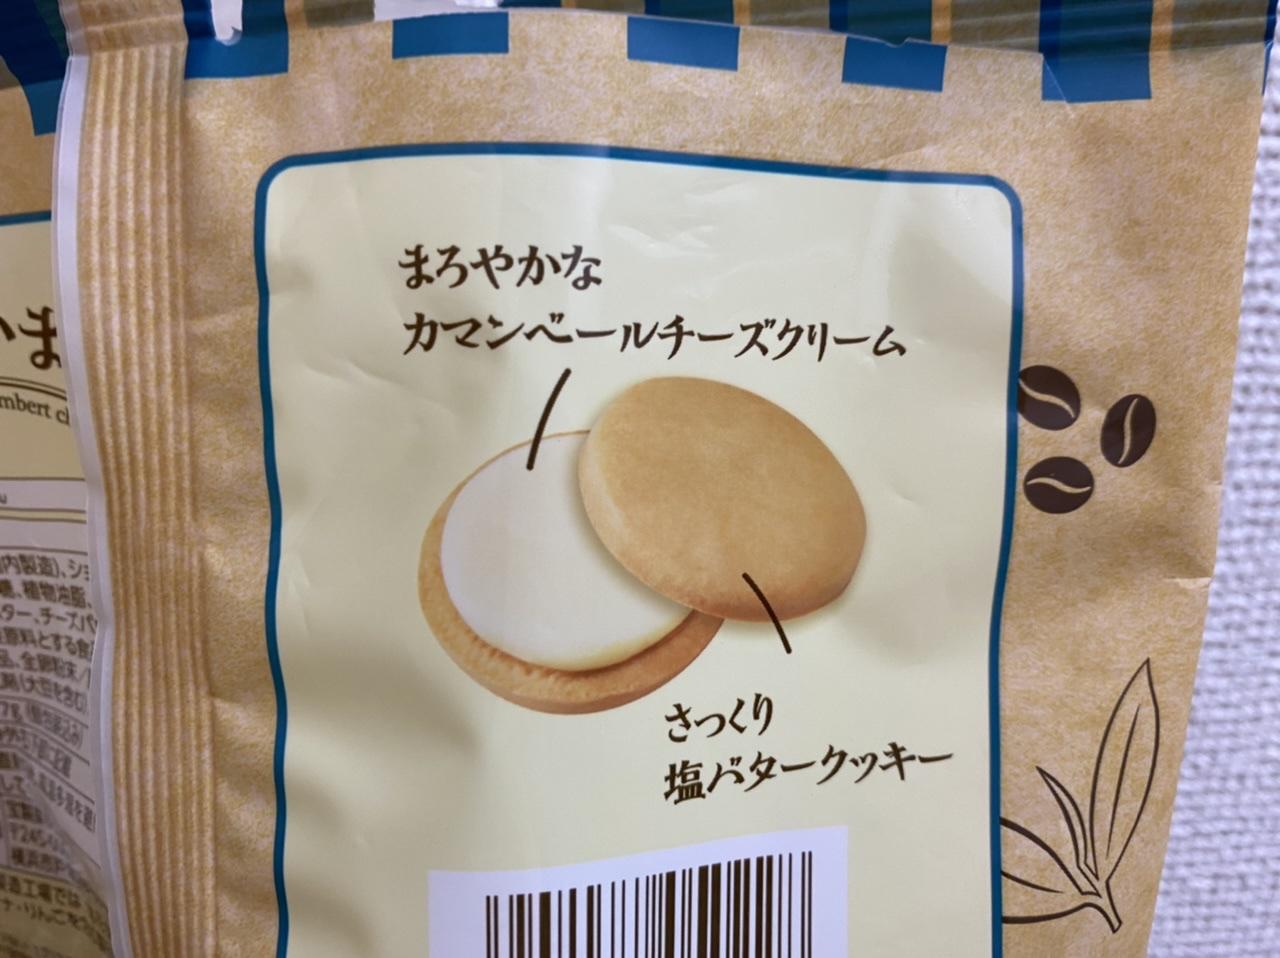 【カルディ】チーズ好きにはたまらない塩バタかまん♡_3